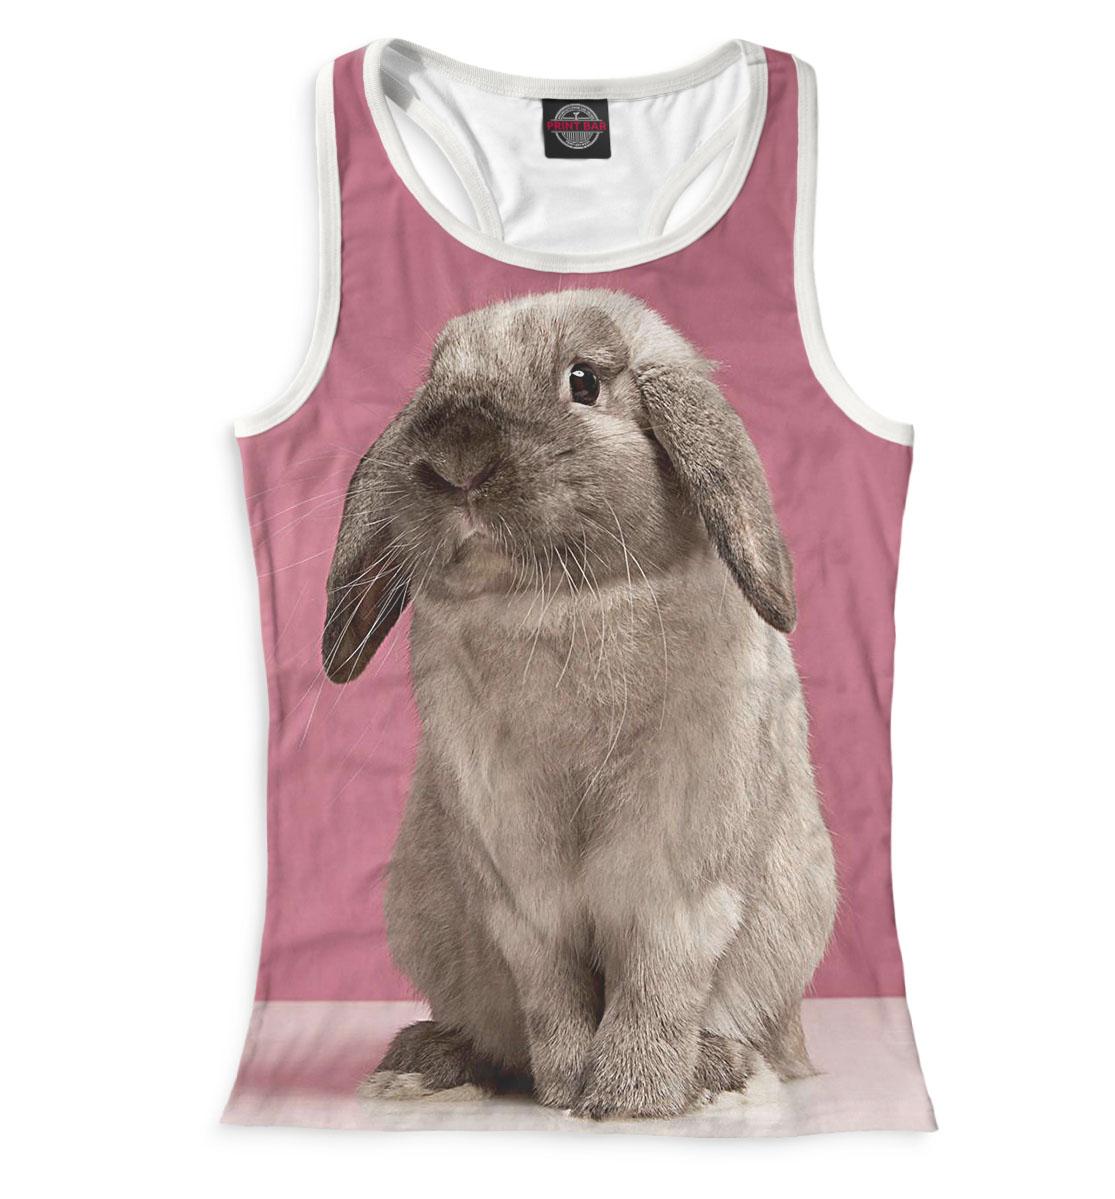 Купить Кролики, Printbar, Майки борцовки, RAB-748287-mayb-1